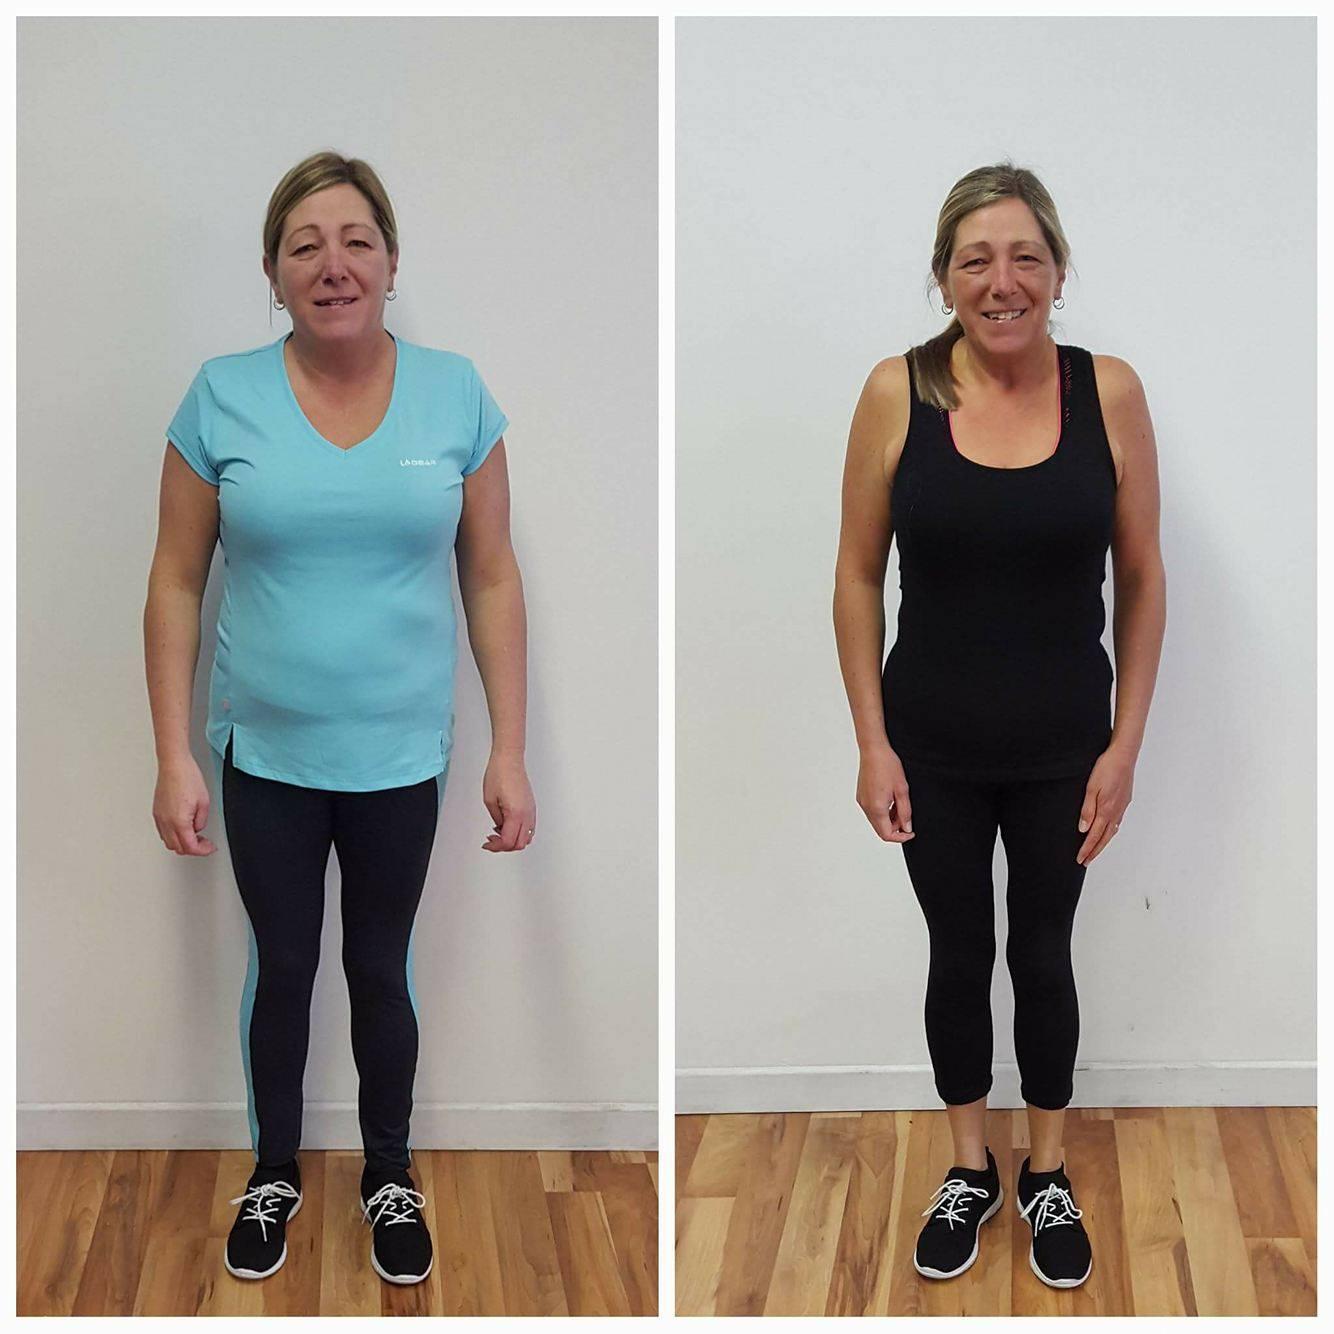 Linda Boyd – Transformation